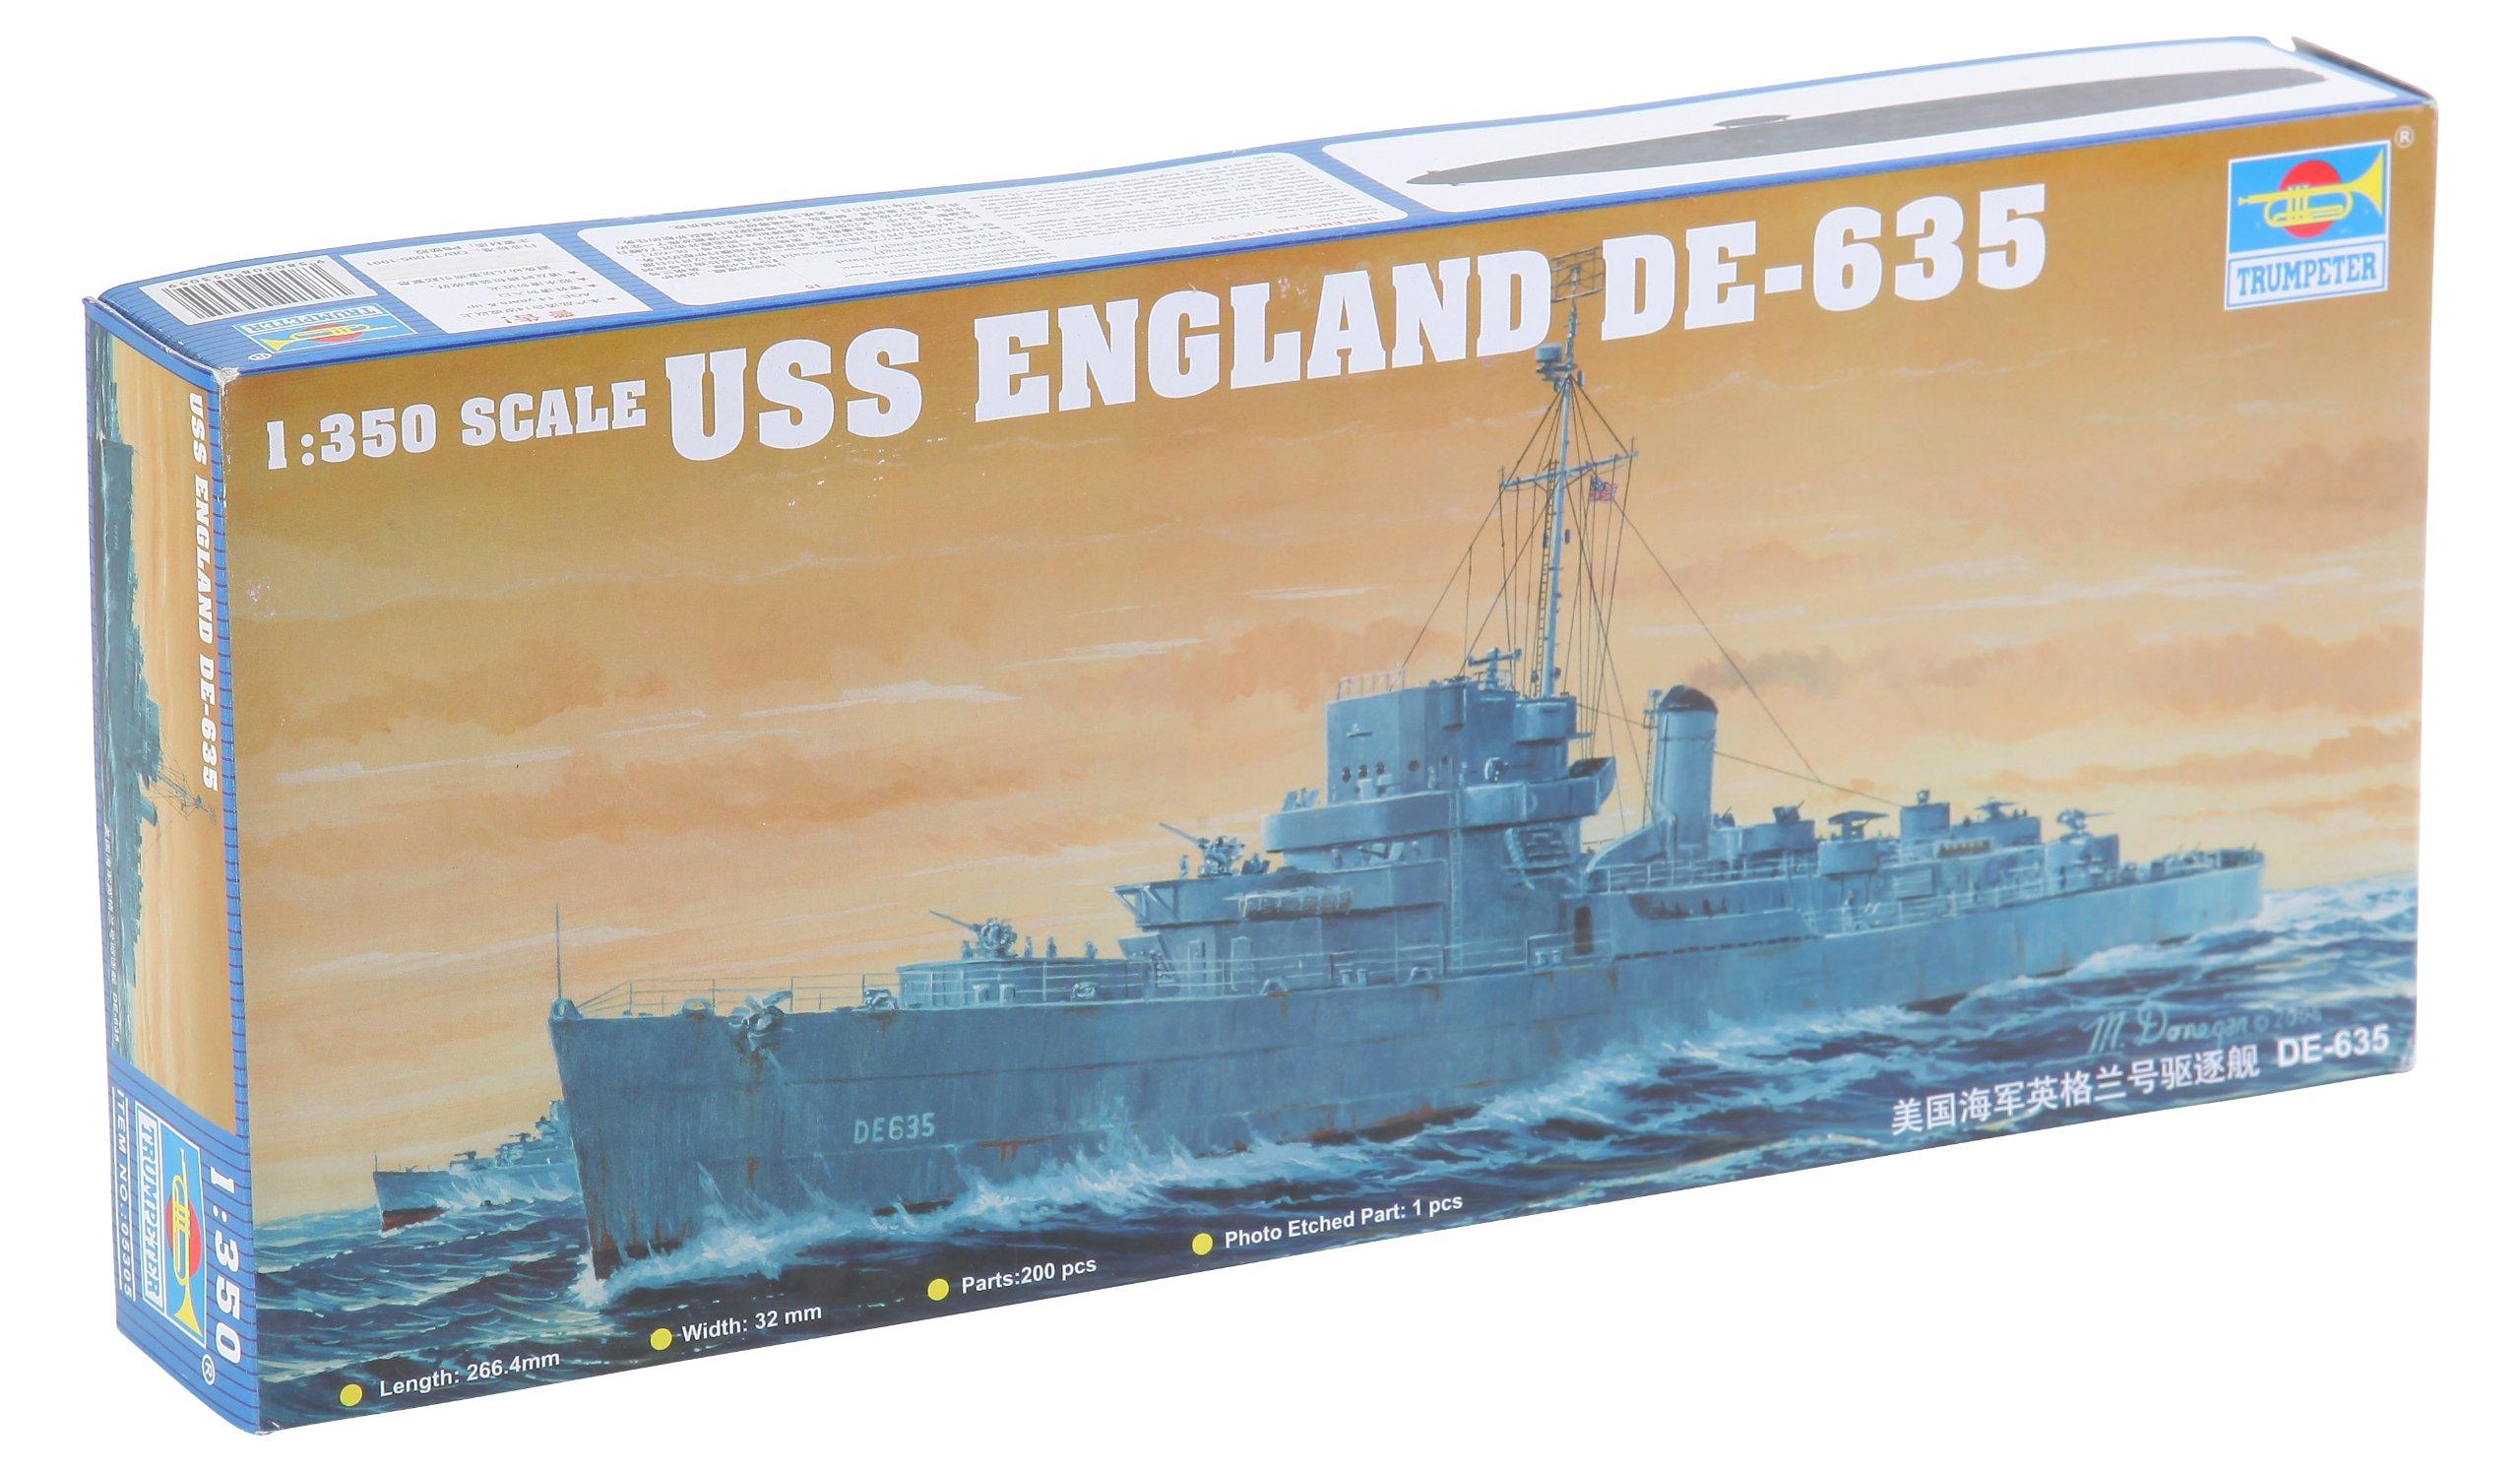 Trumpeter 1/350 Scale USS England DE635 Buckley Class Destroyer